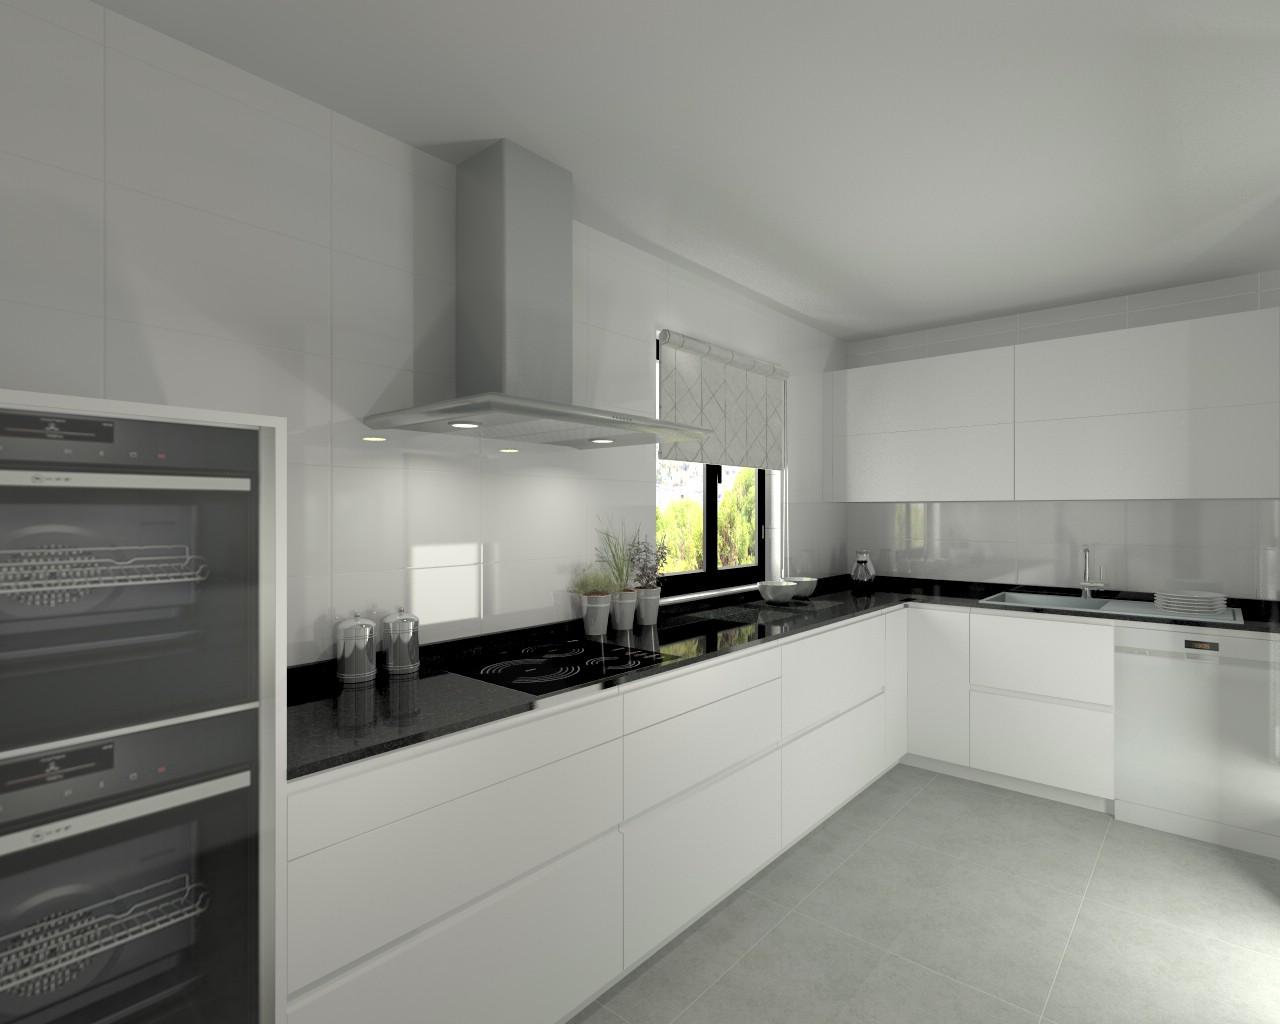 Aravaca cocina santos modelo line l blanco seda for Encimera granito negro